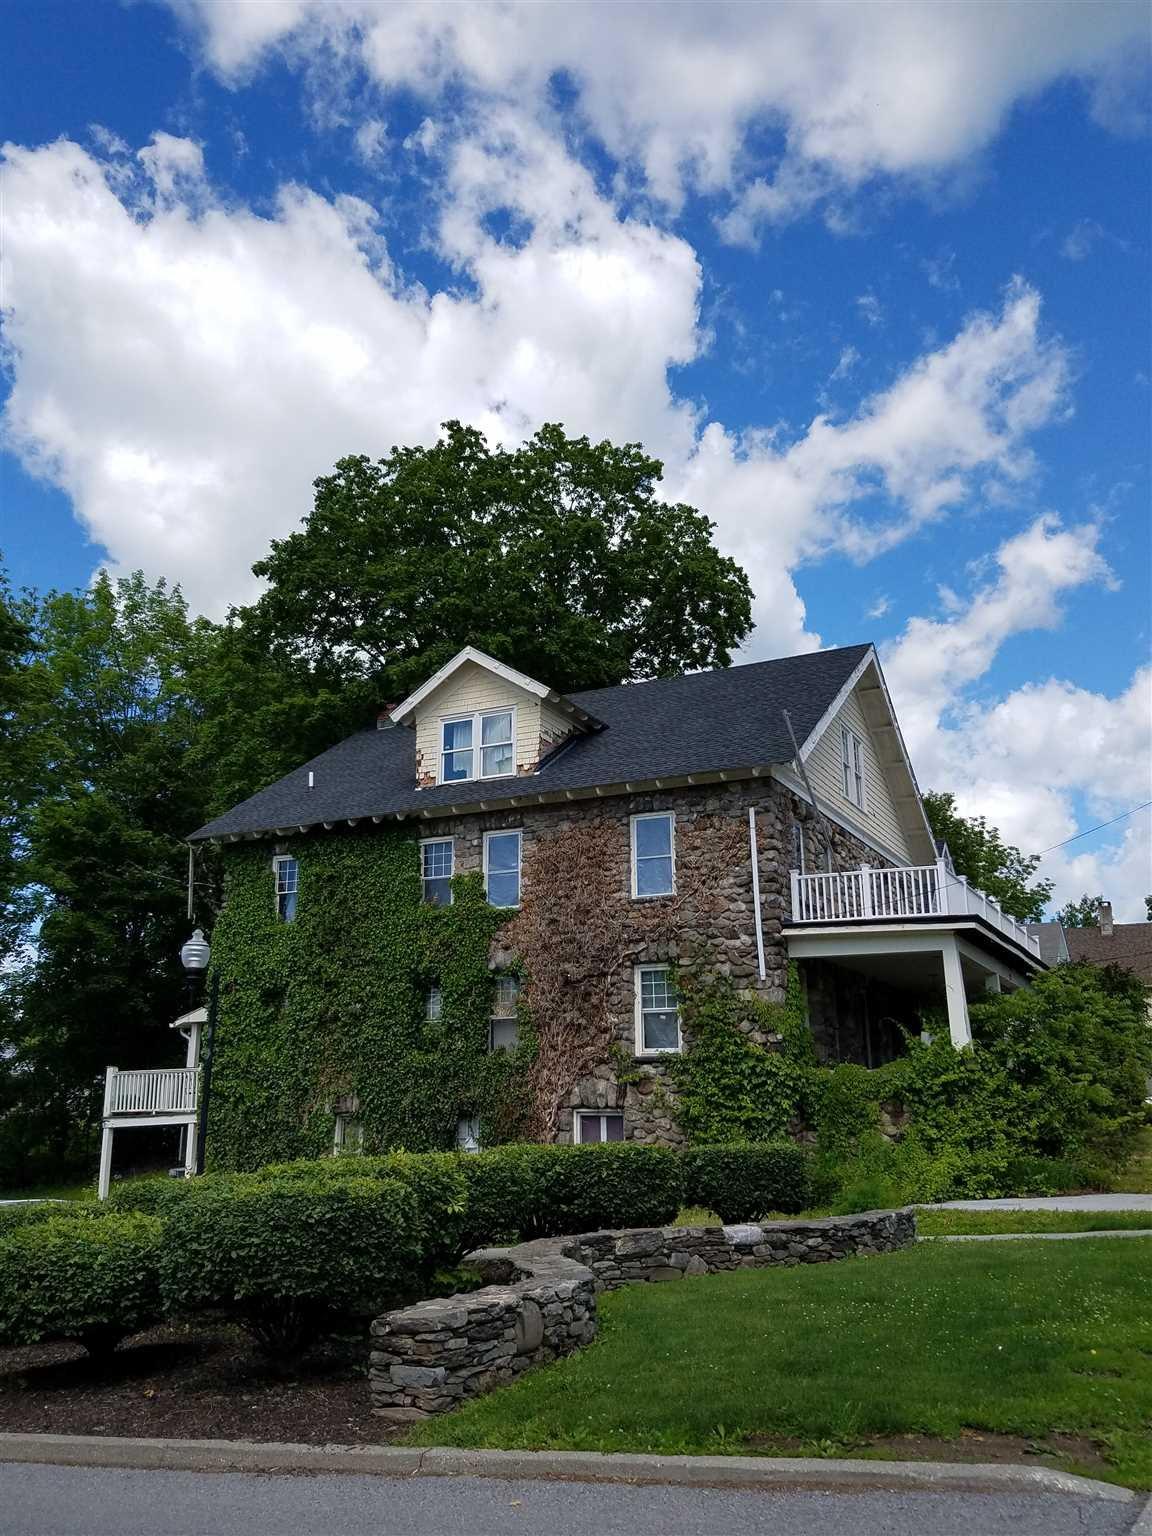 Additional photo for property listing at 17 WASHINGTON Avenue 17 WASHINGTON Avenue Millbrook, New York 12545 United States